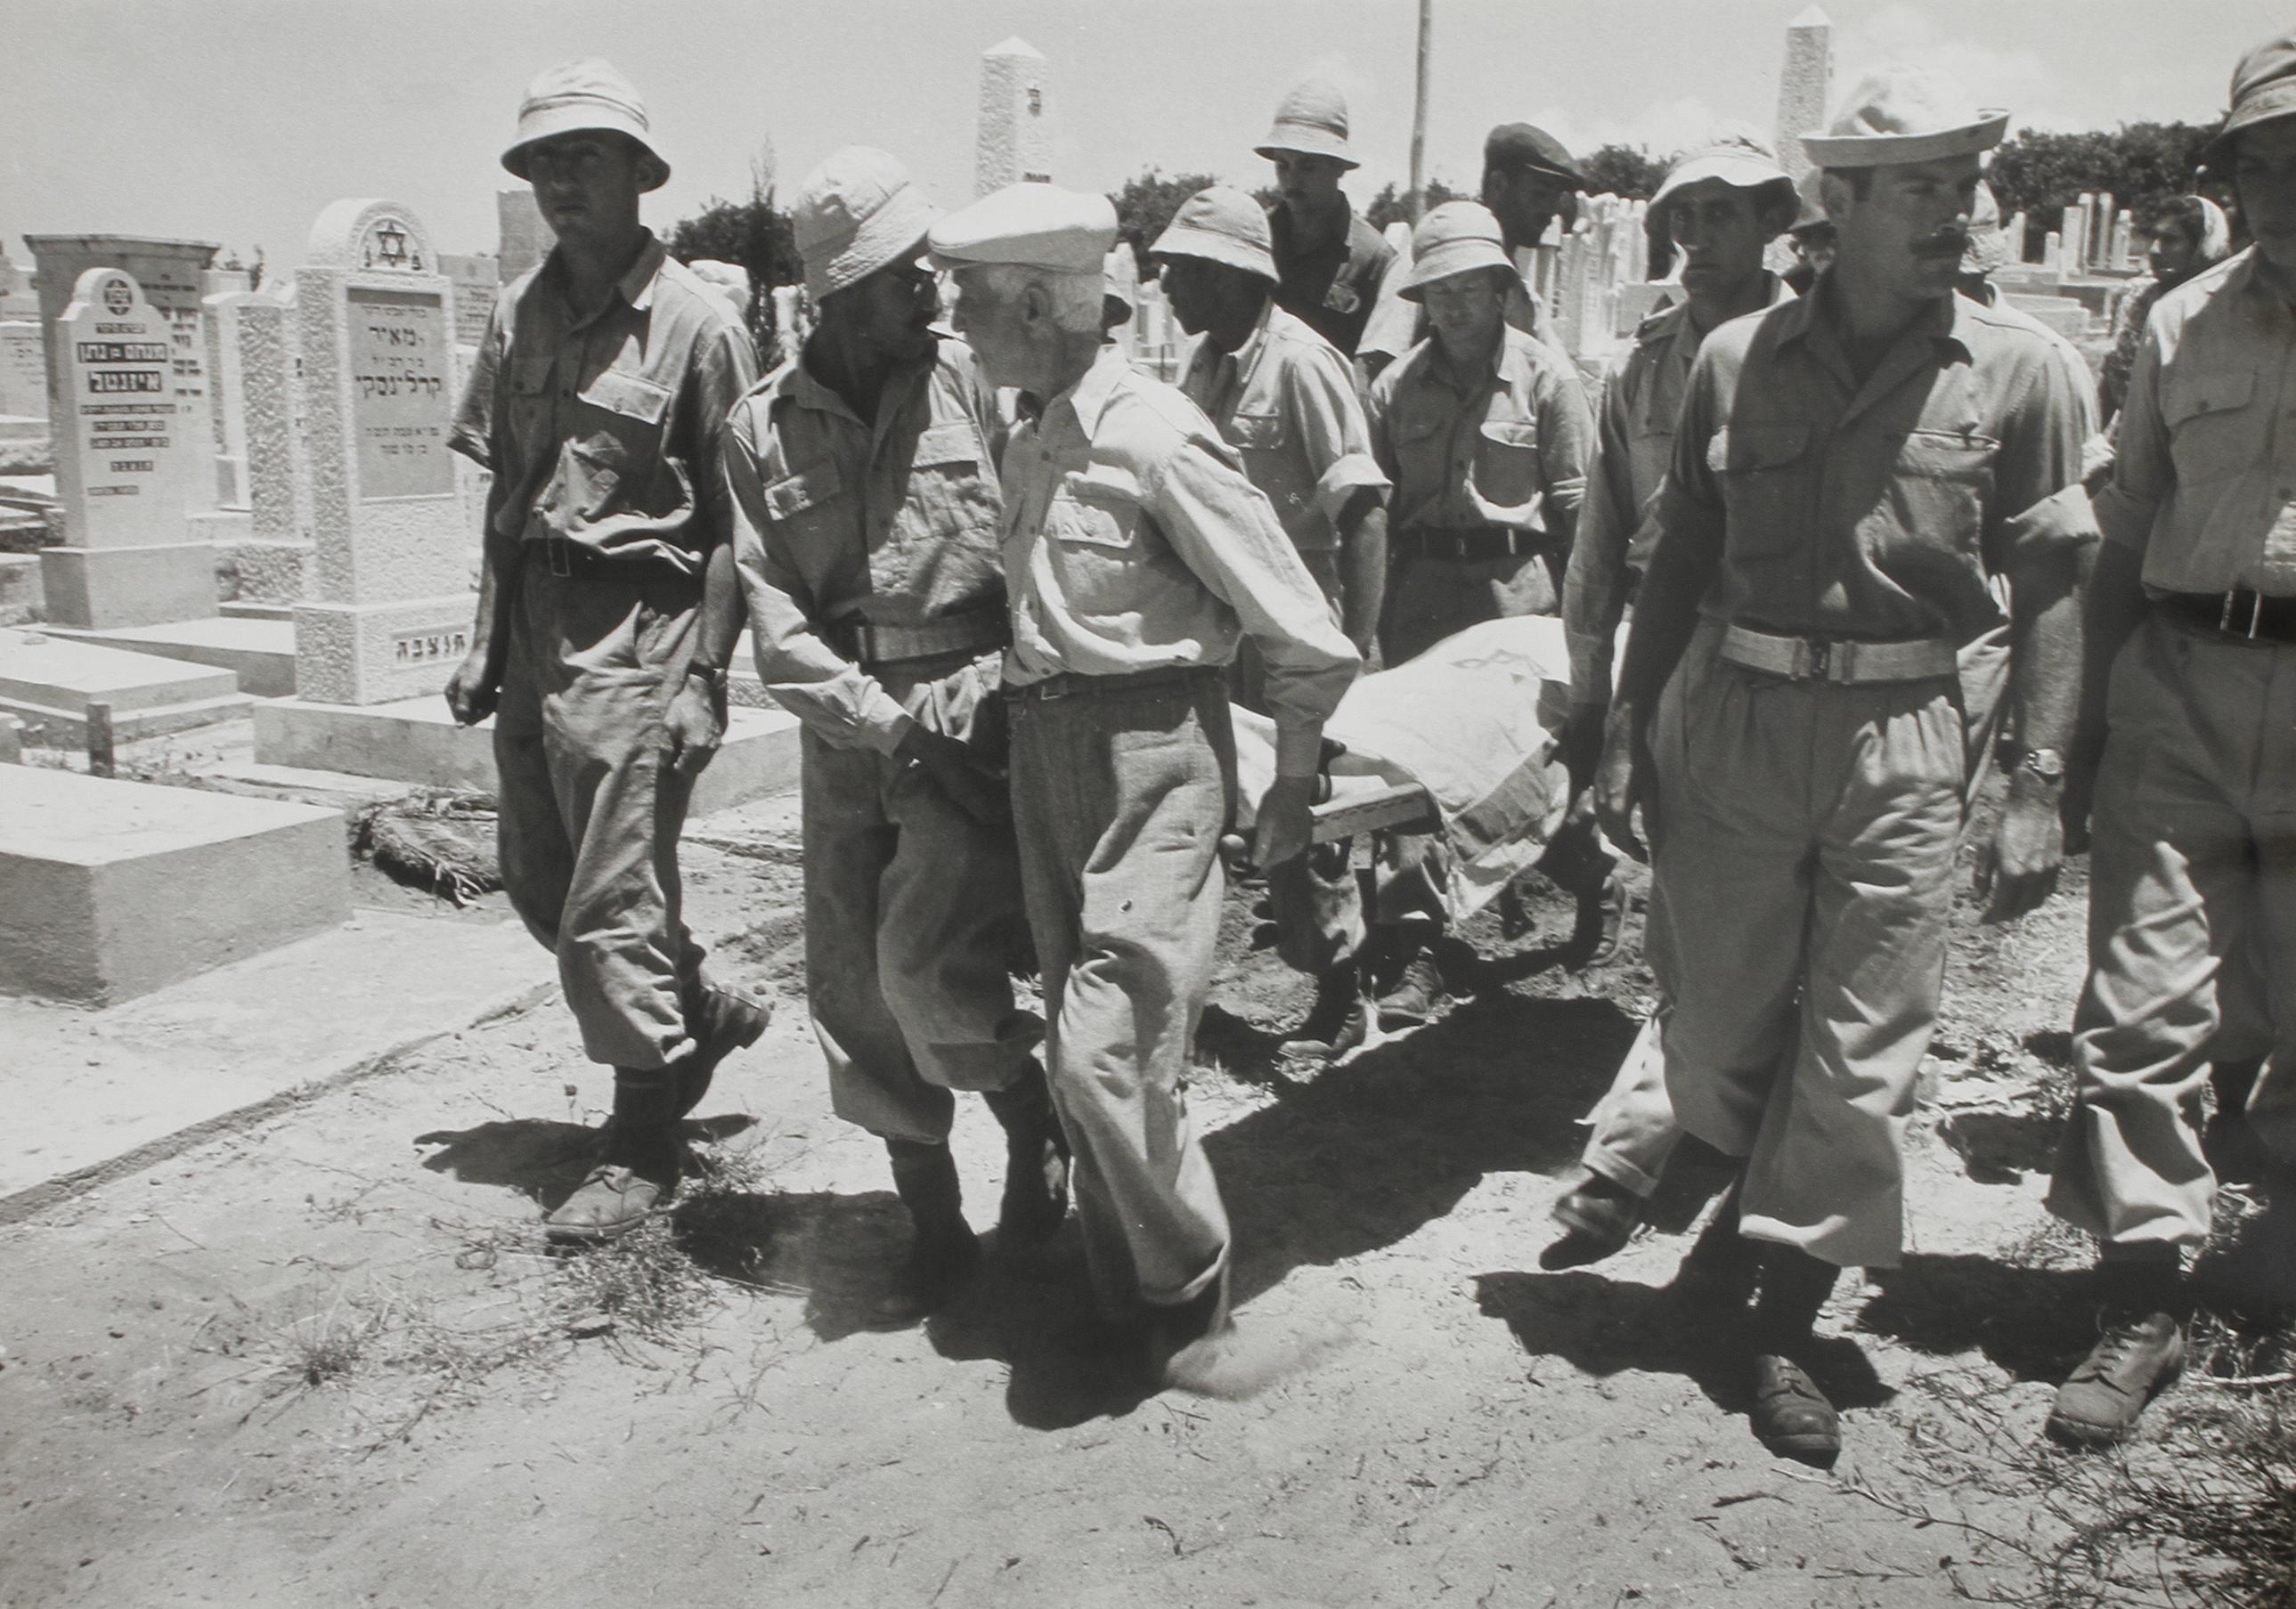 1948. Похороны командующего иерусалимским фронтом бригадного генерала Давида Маркуса. Тель-Авив, июнь